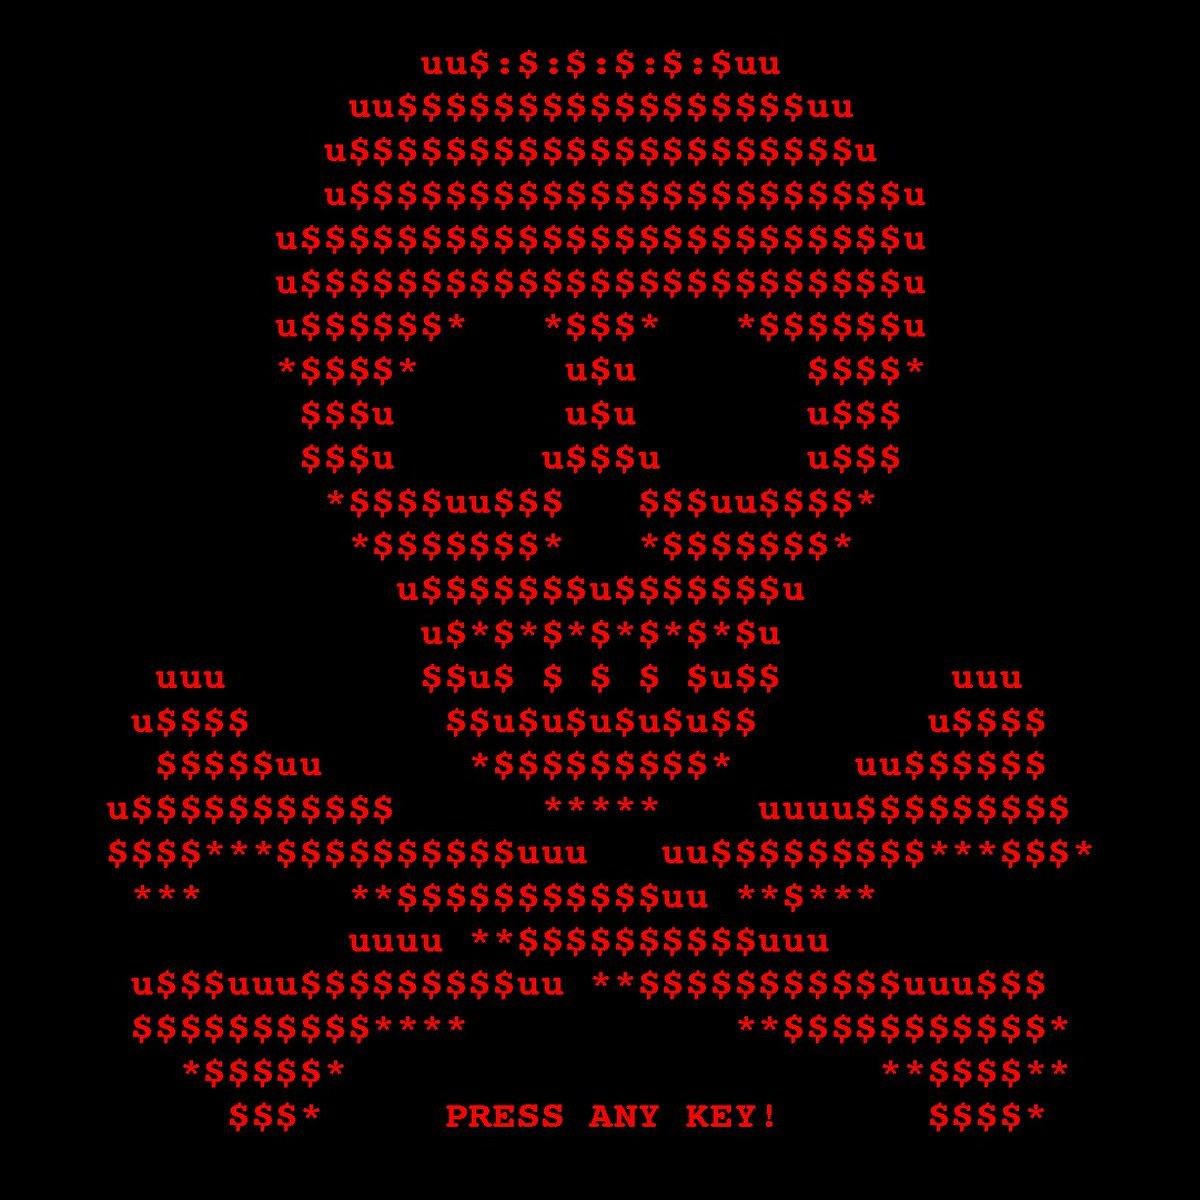 Se descubre el código para descifrar los equipos secuestrados por el #ransomware Petya https://t.co/HvYOFDGZlf https://t.co/C06fgDV6XX